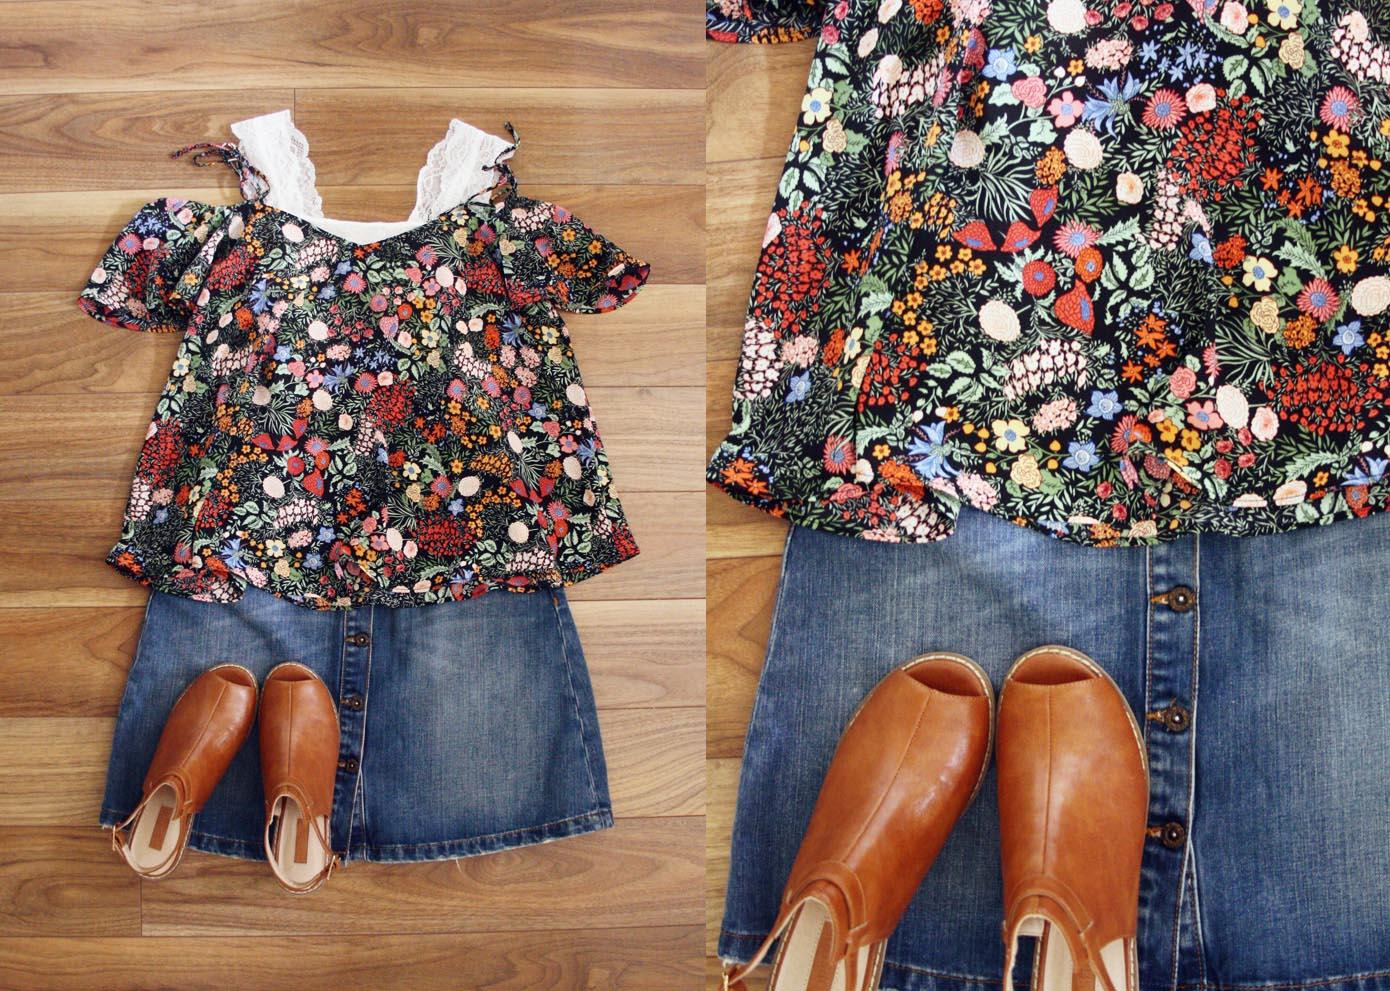 Topshop Top, Vero Moda Bralet via ASOS, Zara Skirt, Topshop Shoes